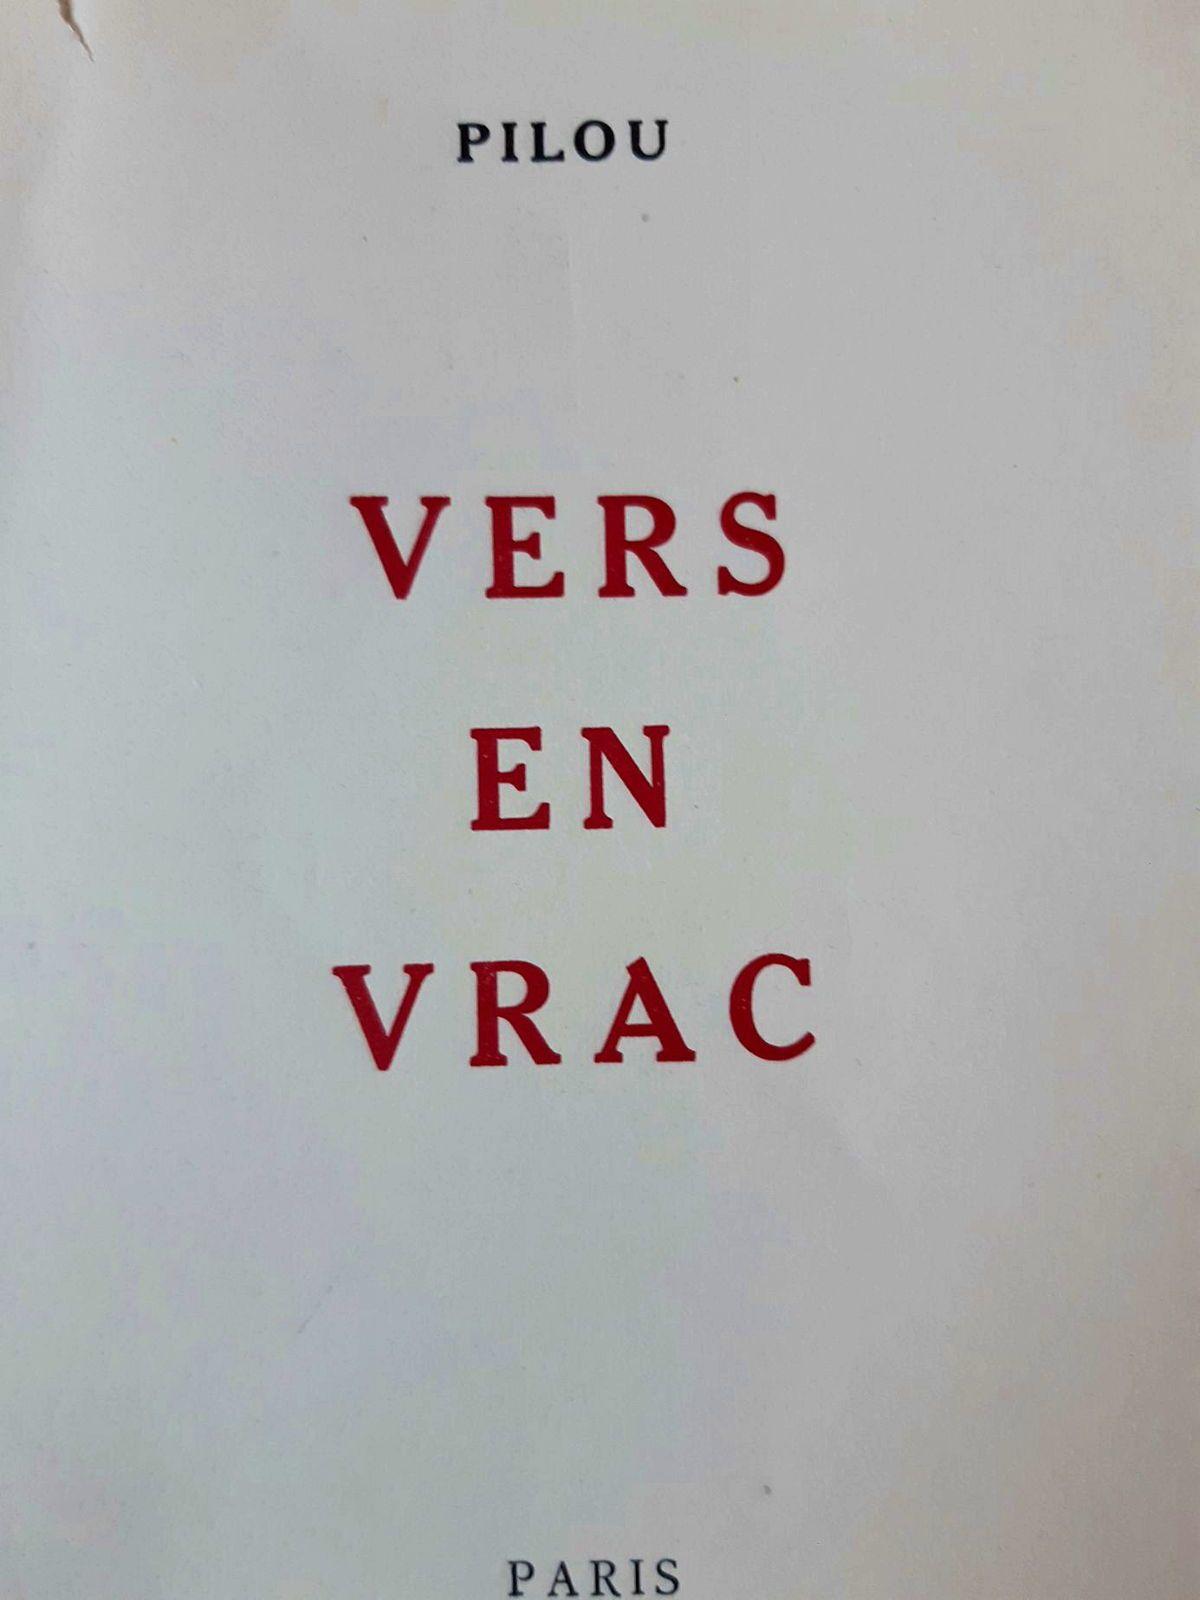 PILOU (père de Brigitte Bardot) : Vers en vrac (1960)